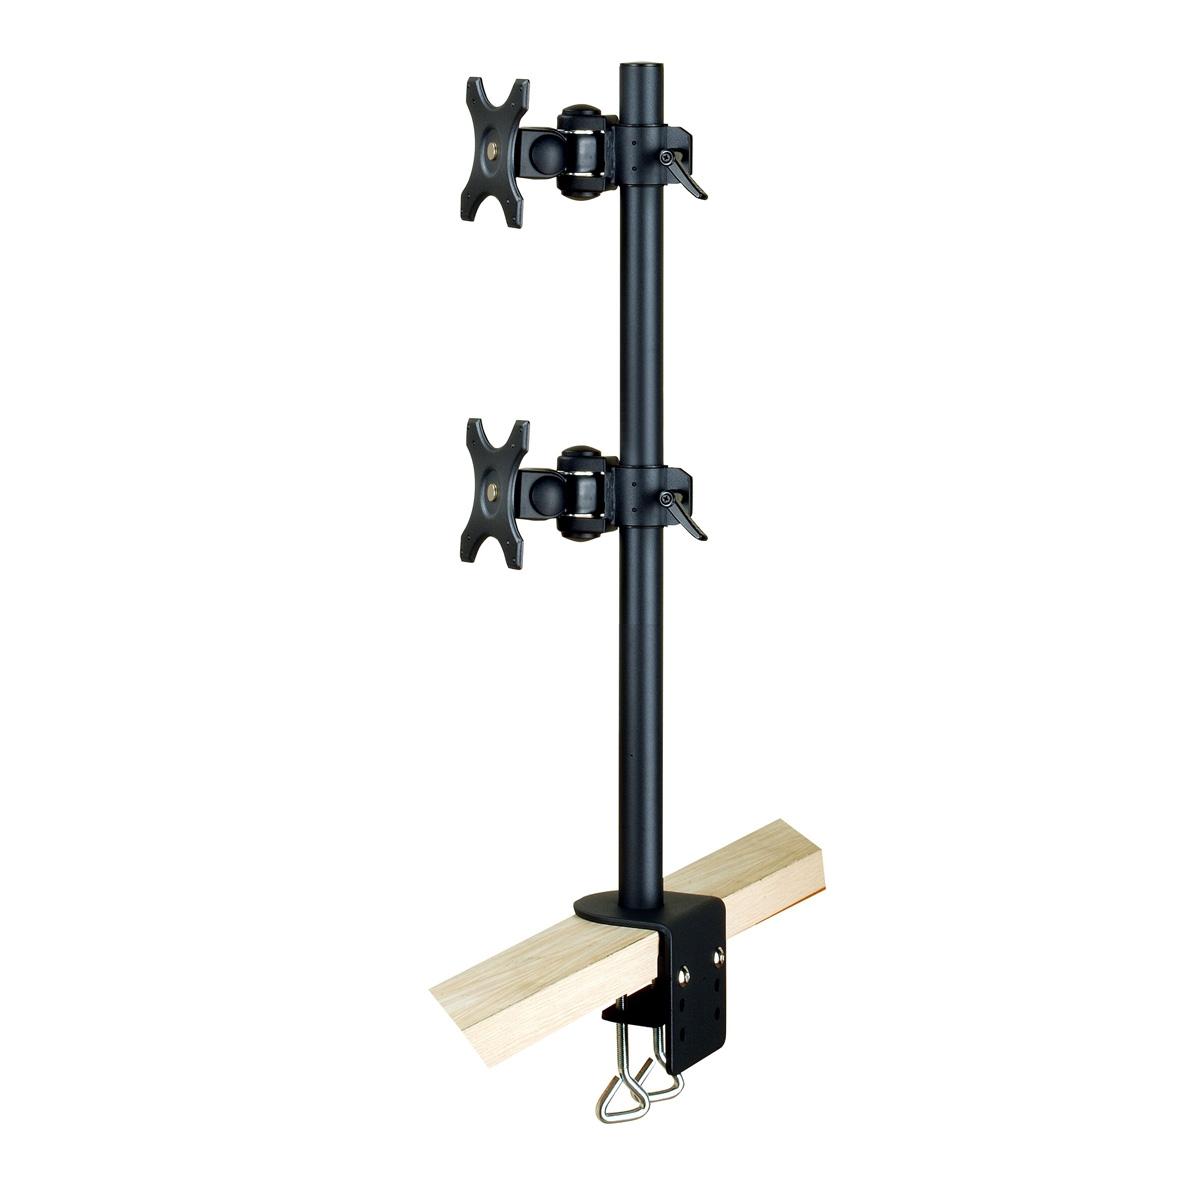 Soporte dual vertical para pantalla tv solicitud de - Soportes altavoces pared ...